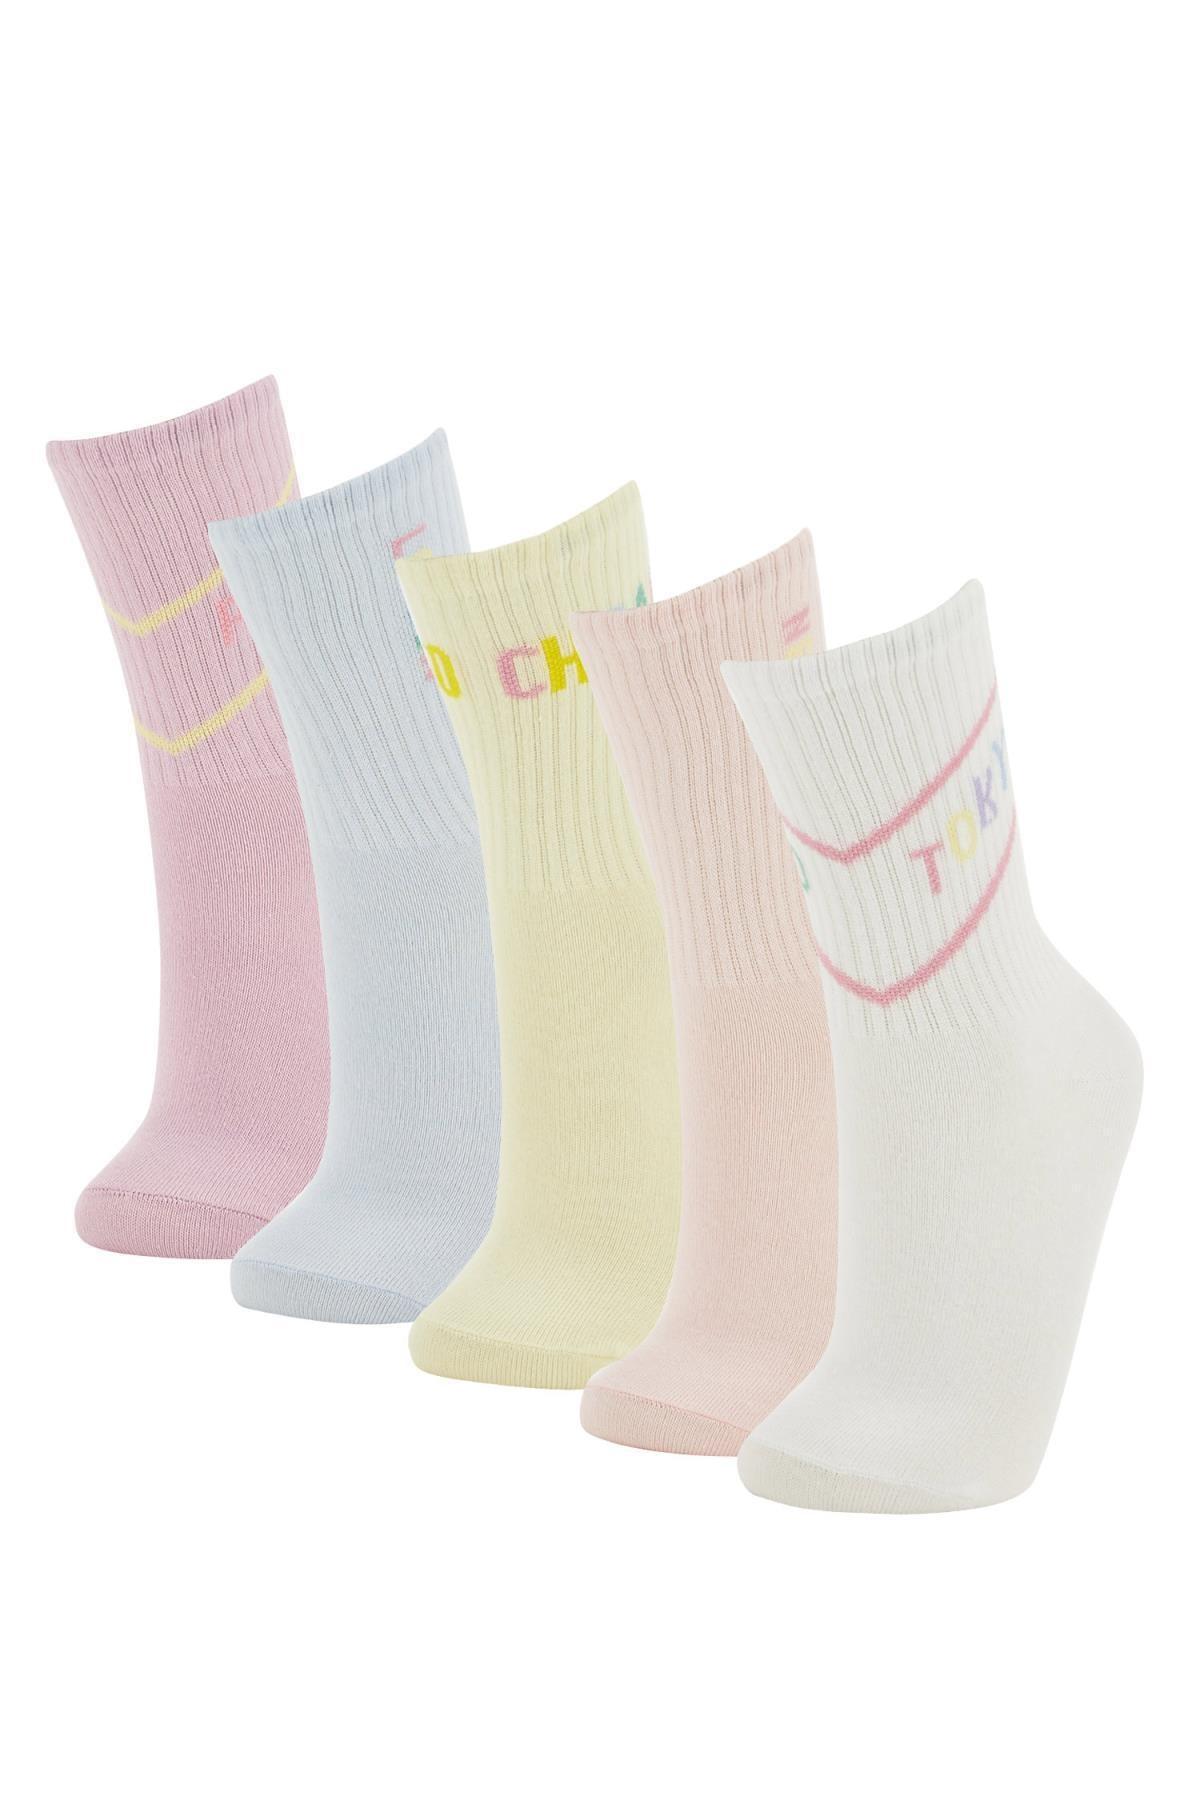 Defacto Kutulu Desenli 5'li Soket Çorap